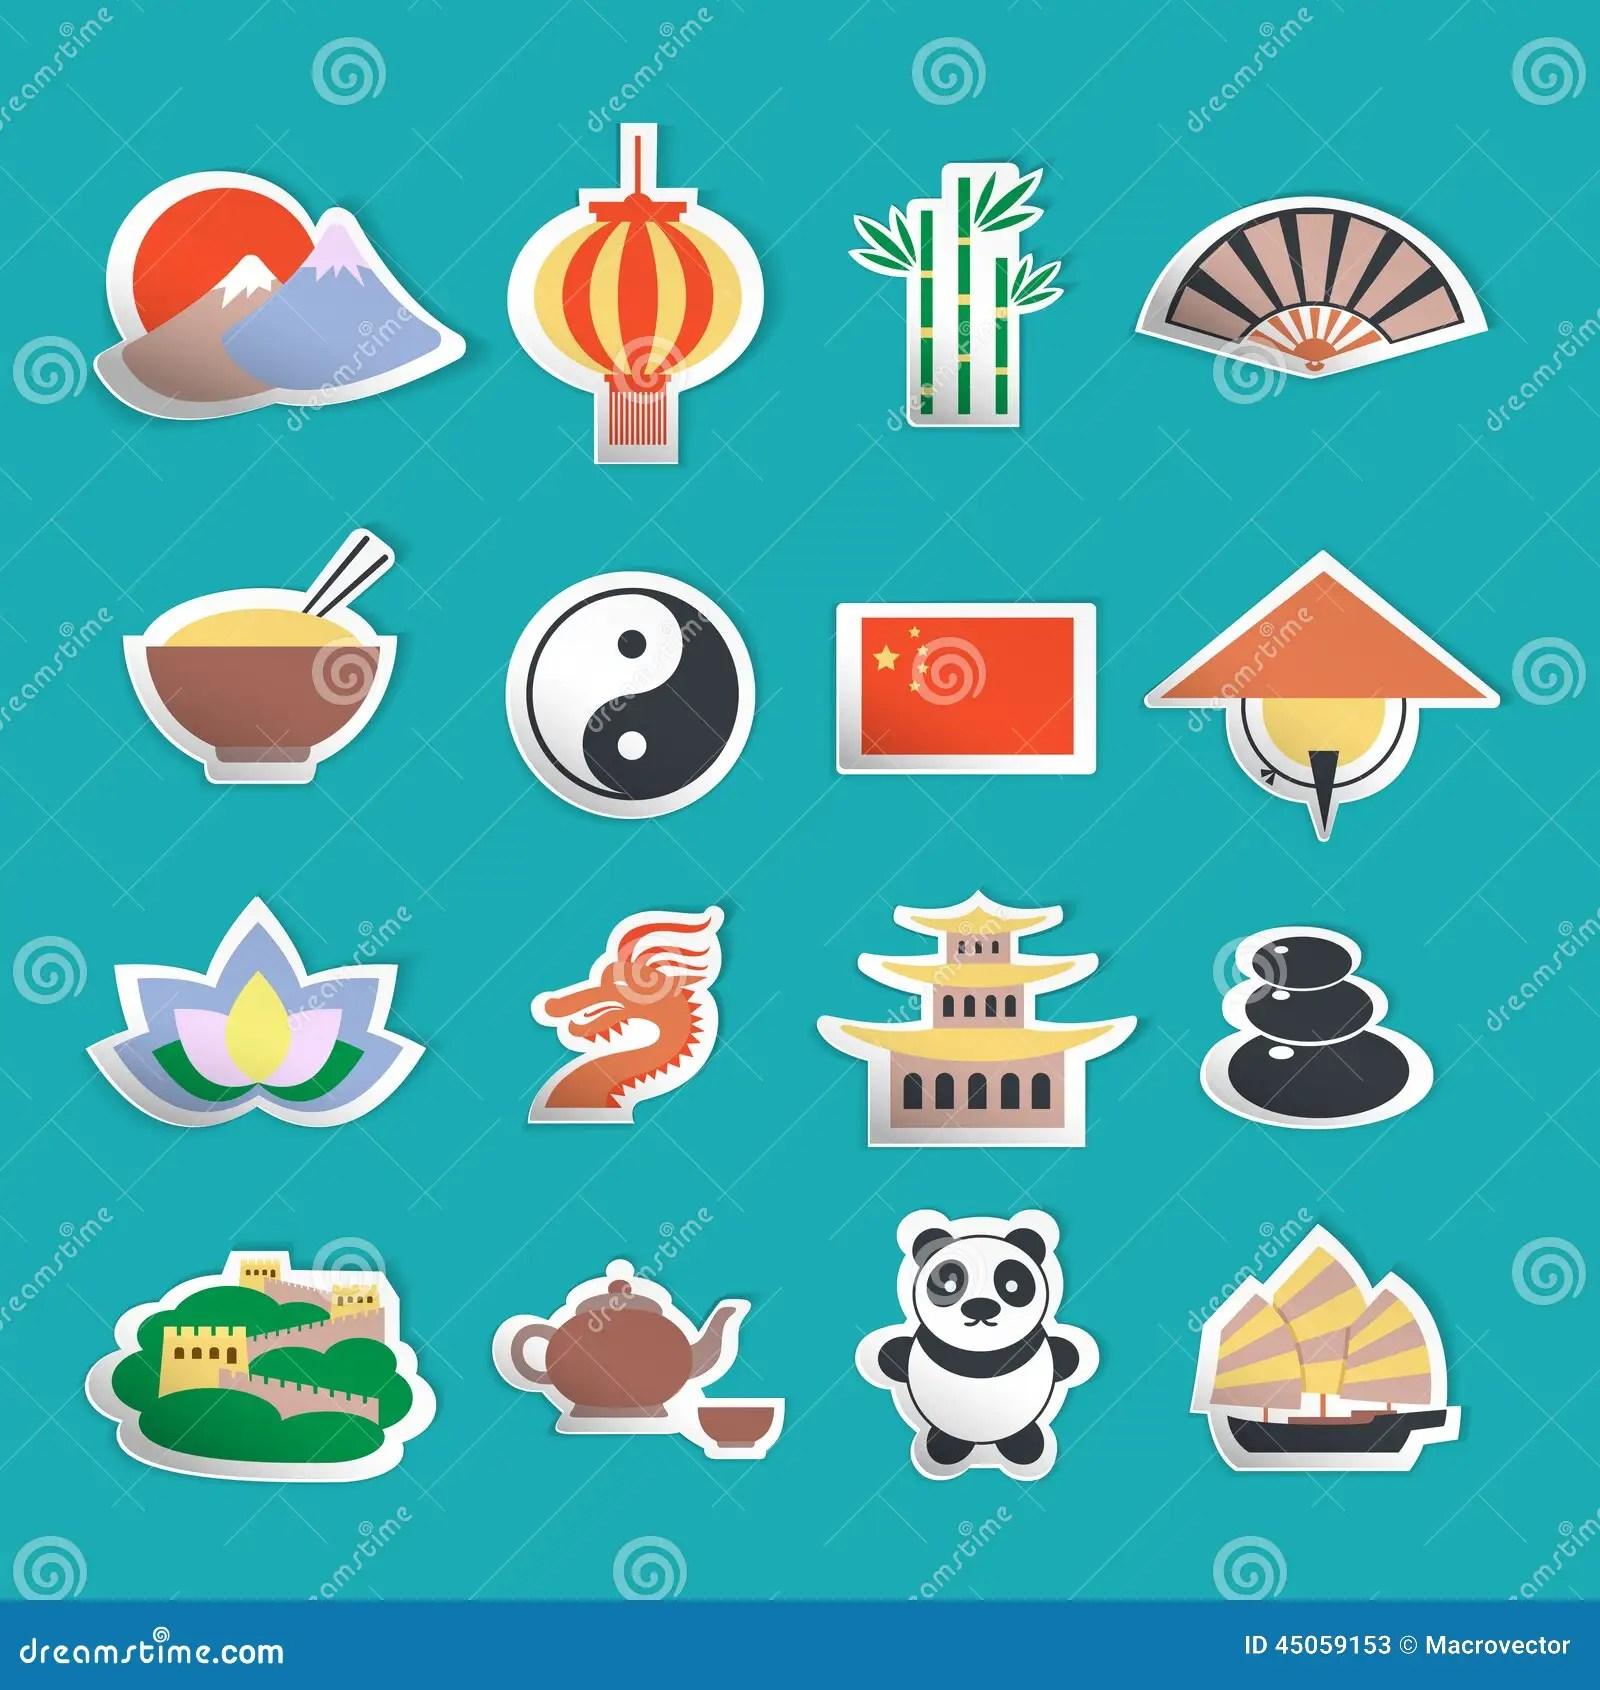 Great Wall Of China Symbol